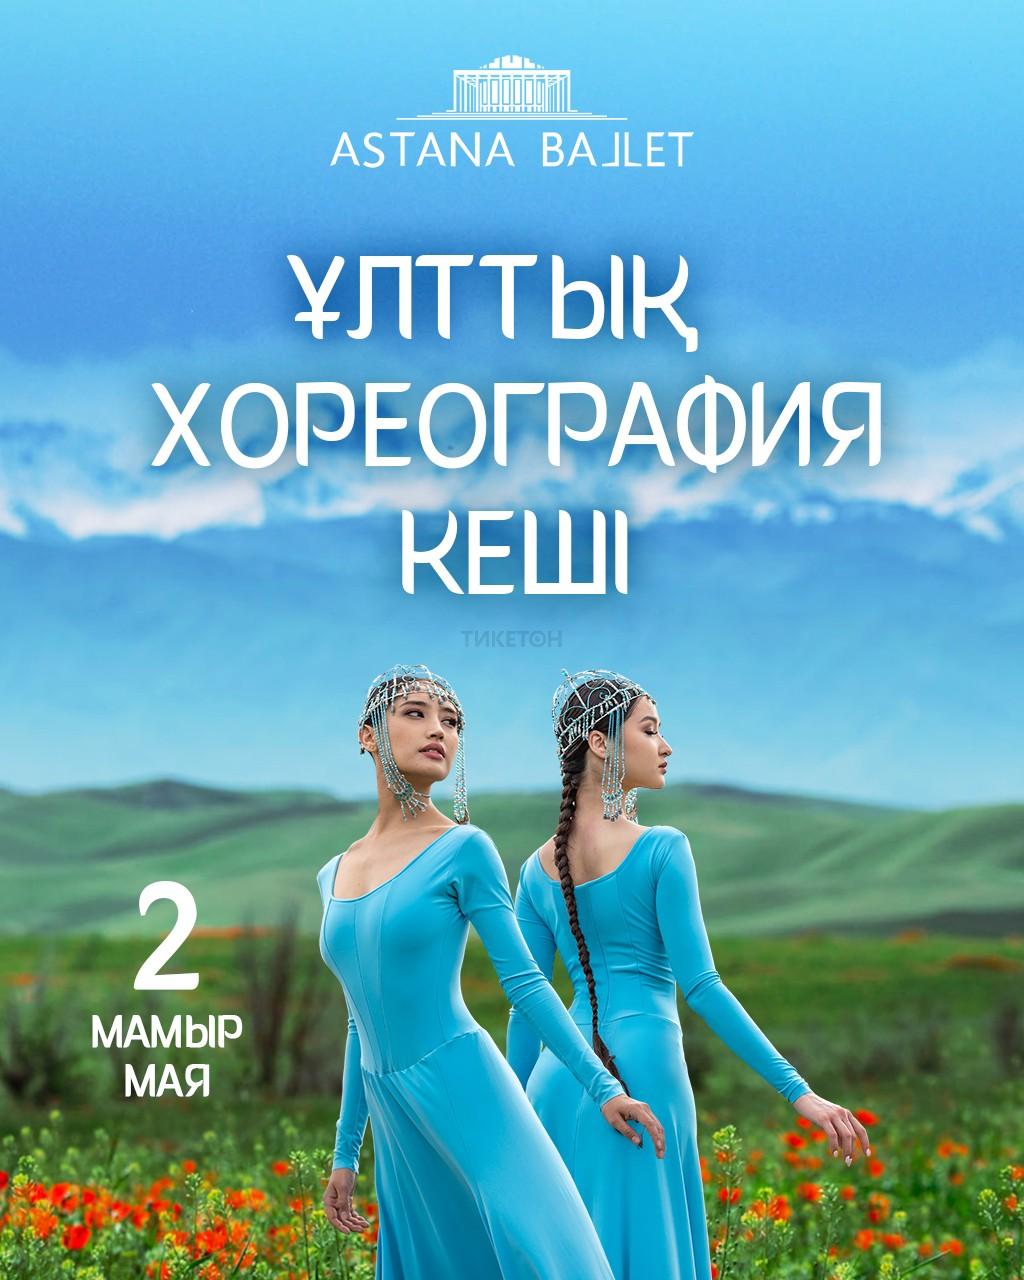 Вечер Национальной хореографии в Astana Ballet